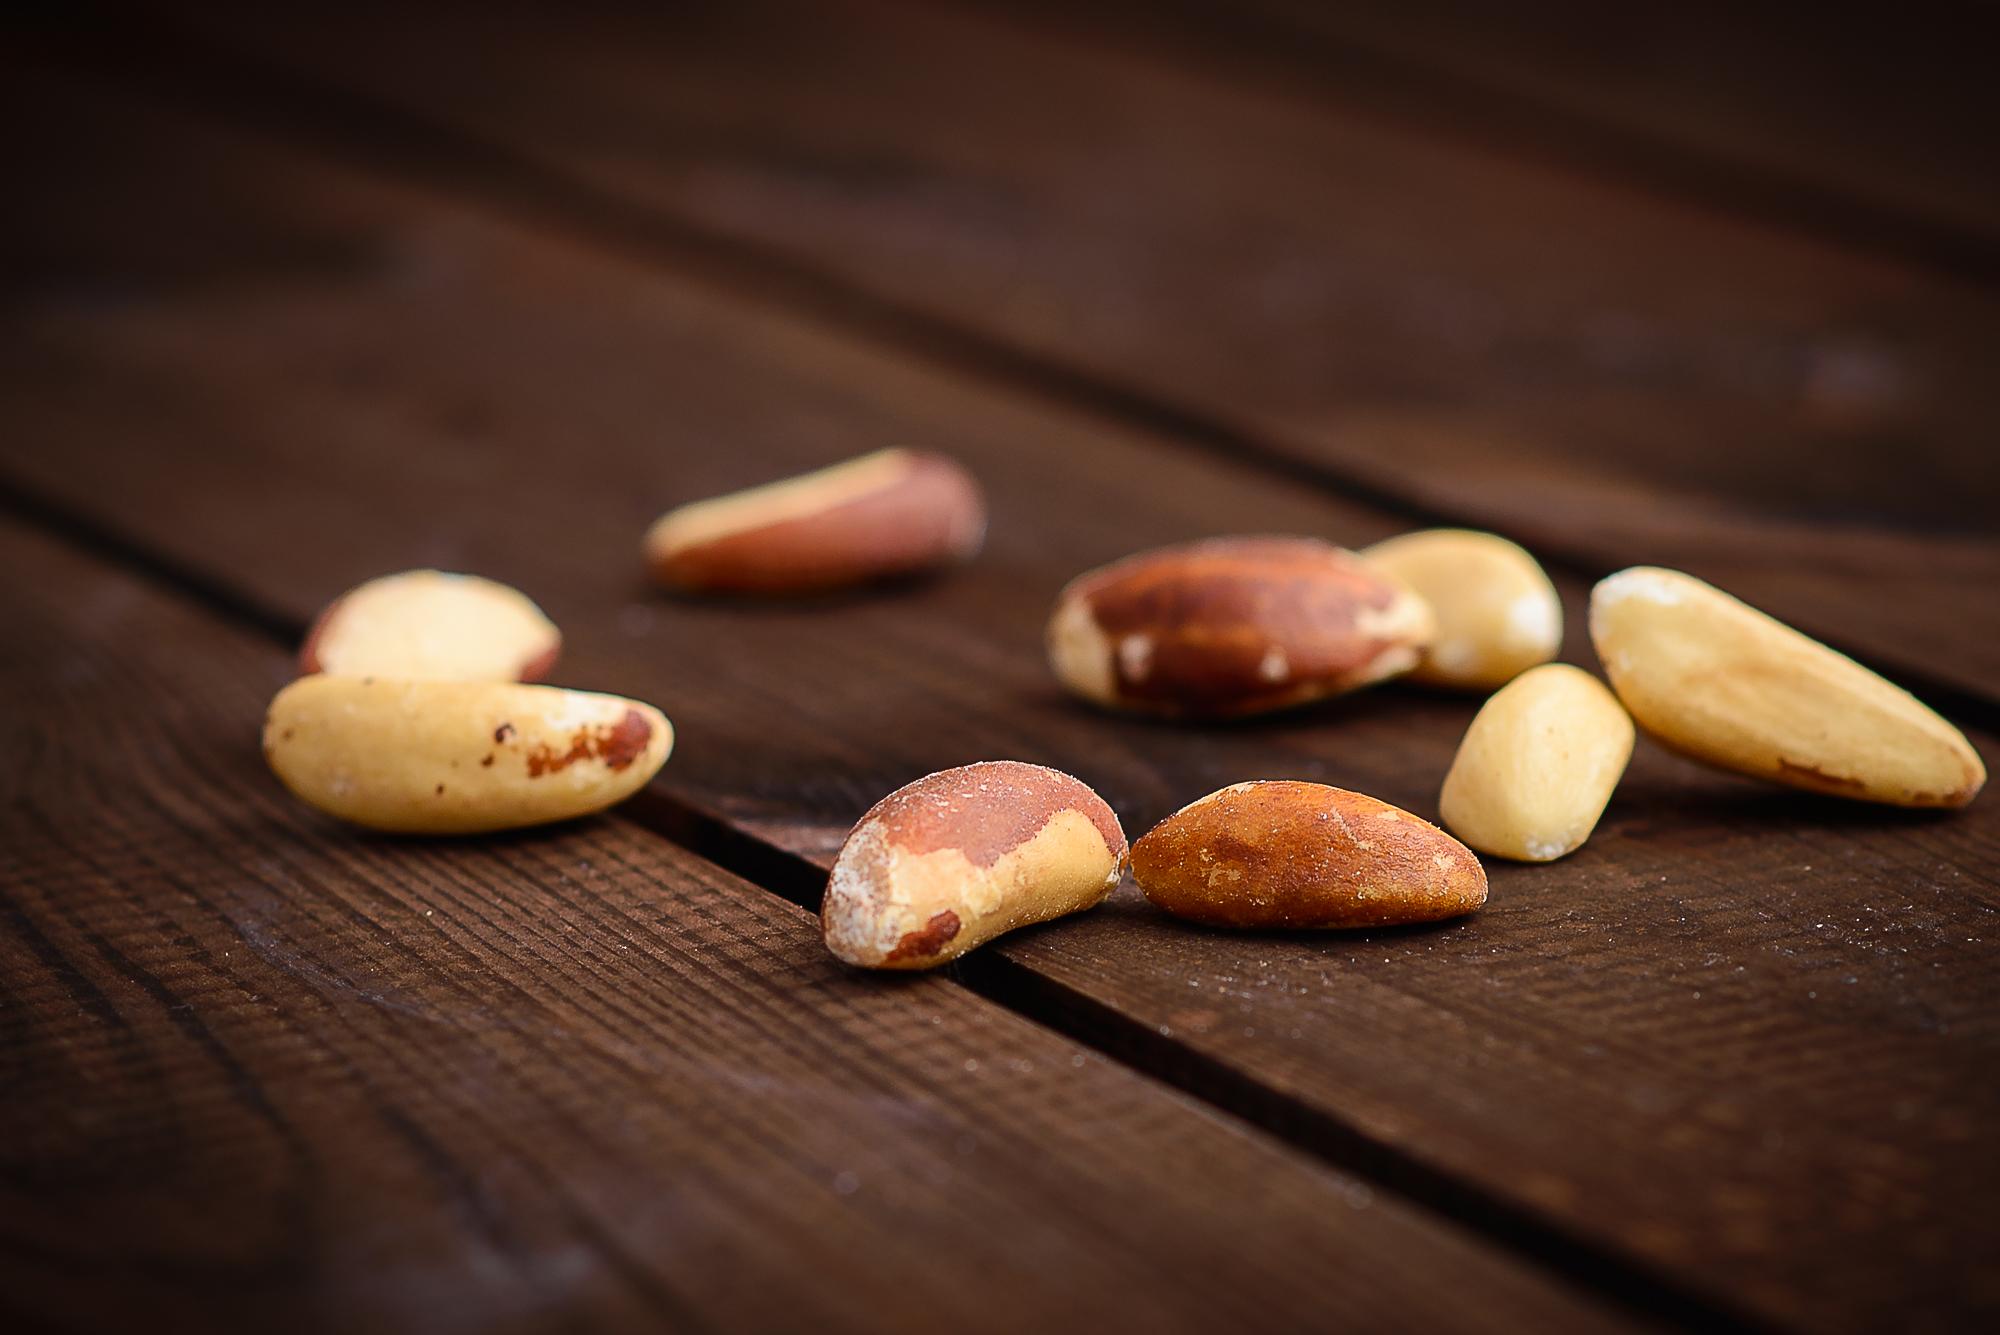 Zdravé tuky | Myprotein.cz